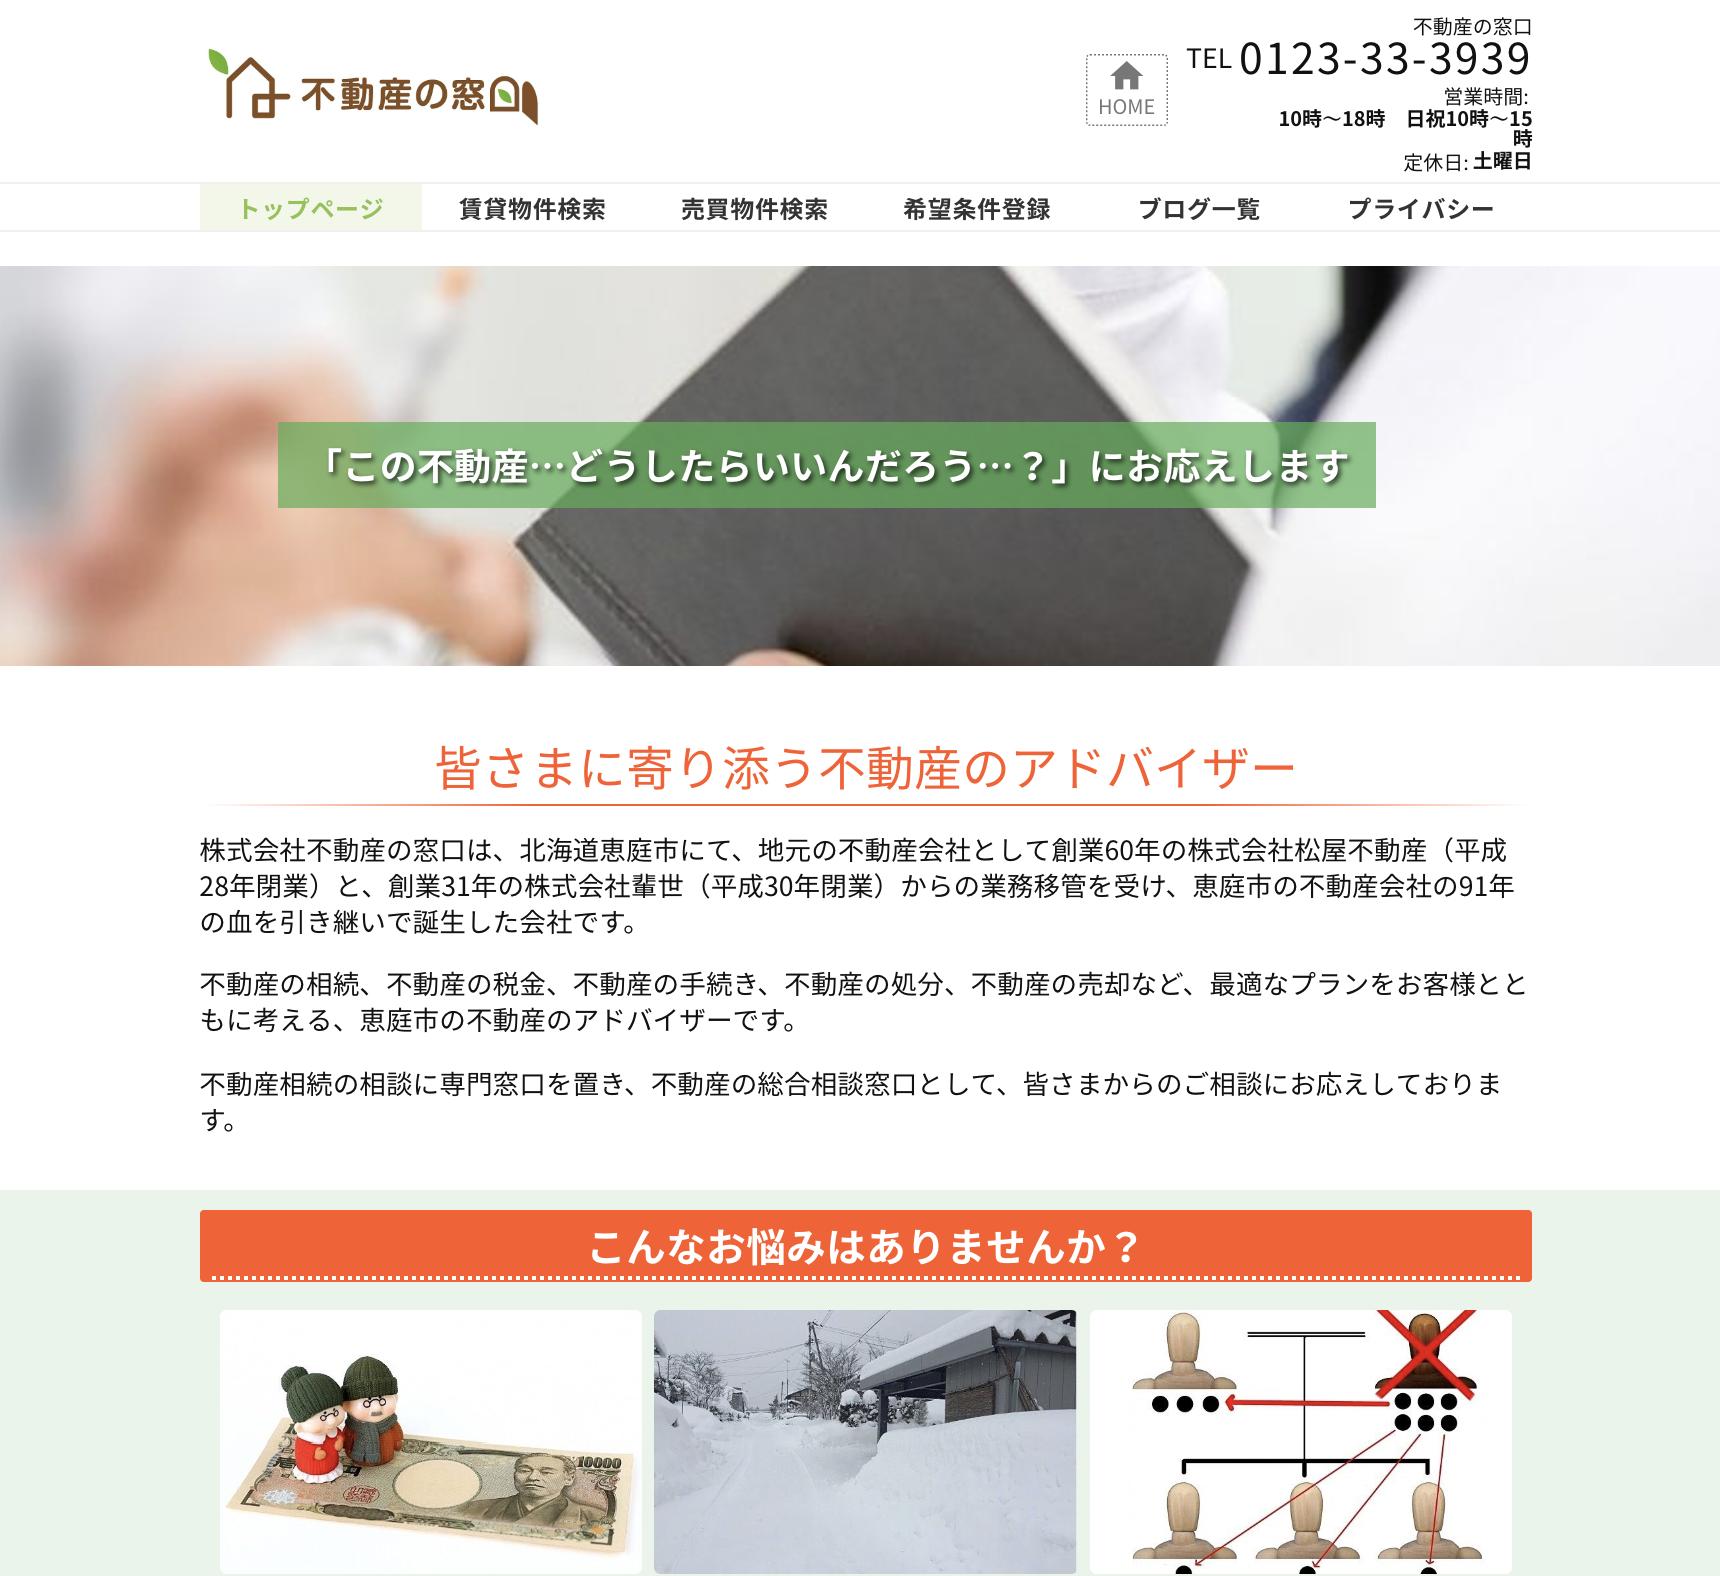 ドリームx導入会社紹介 不動産の窓口 北海道恵庭市 会社紹介 不動産 窓口